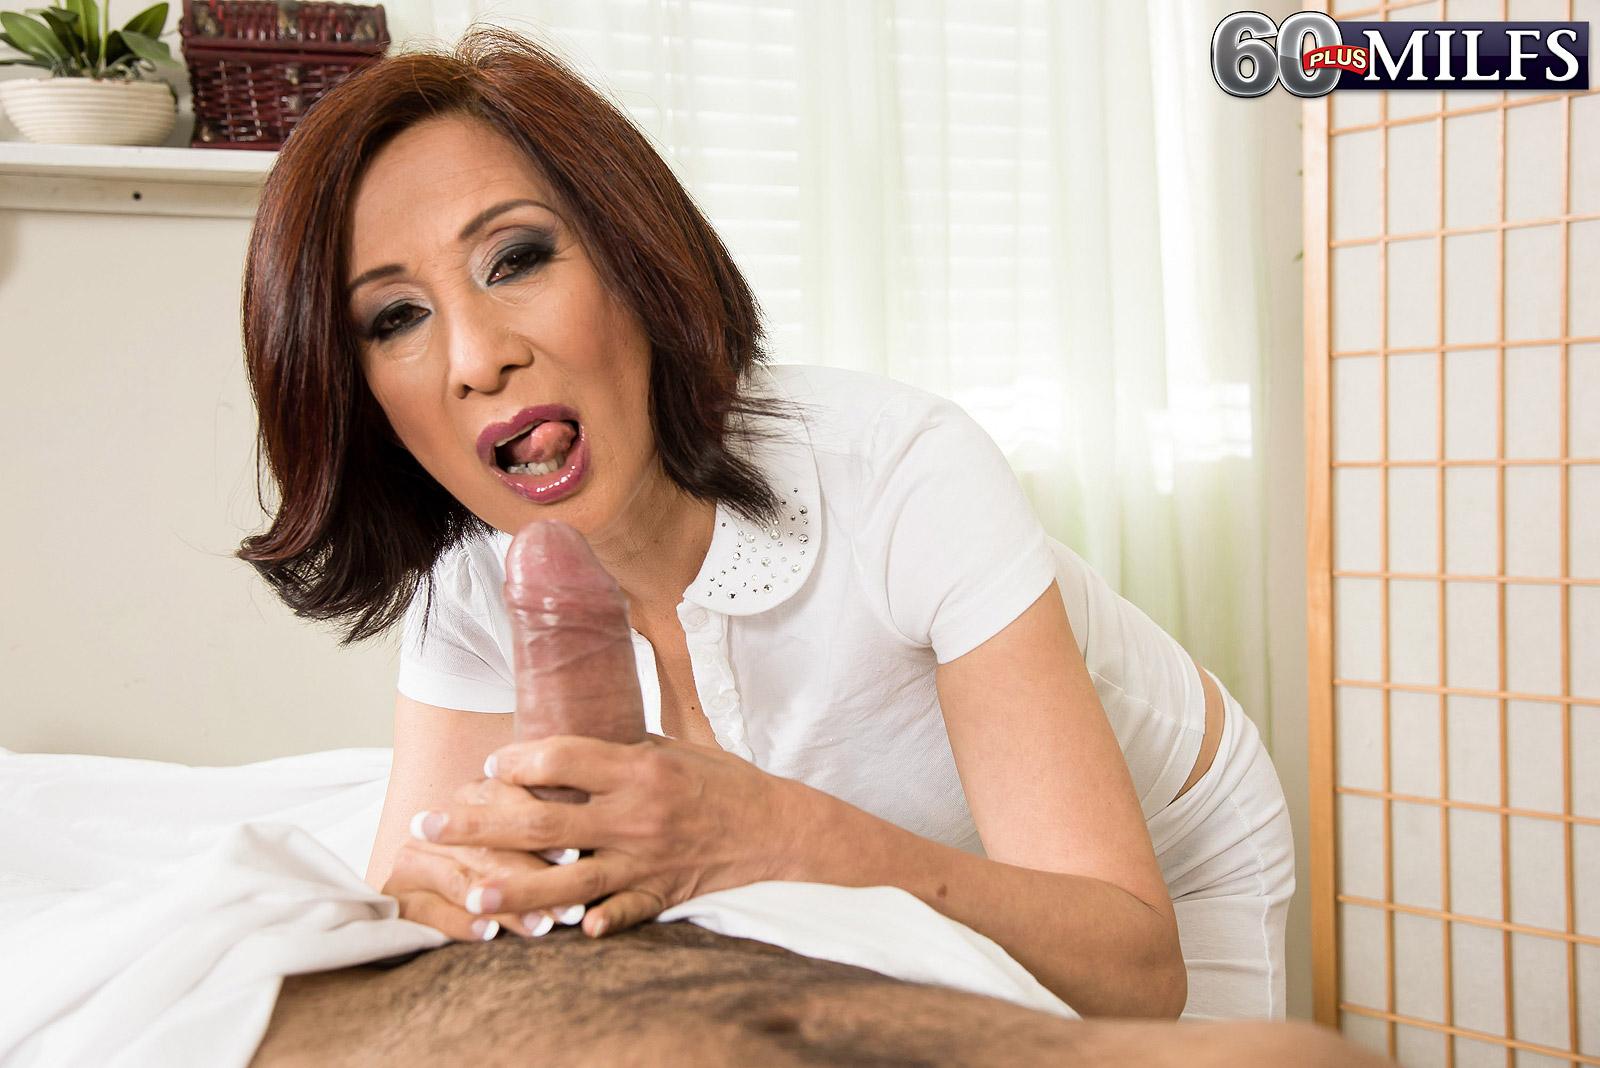 Chinese sucking dick-5870